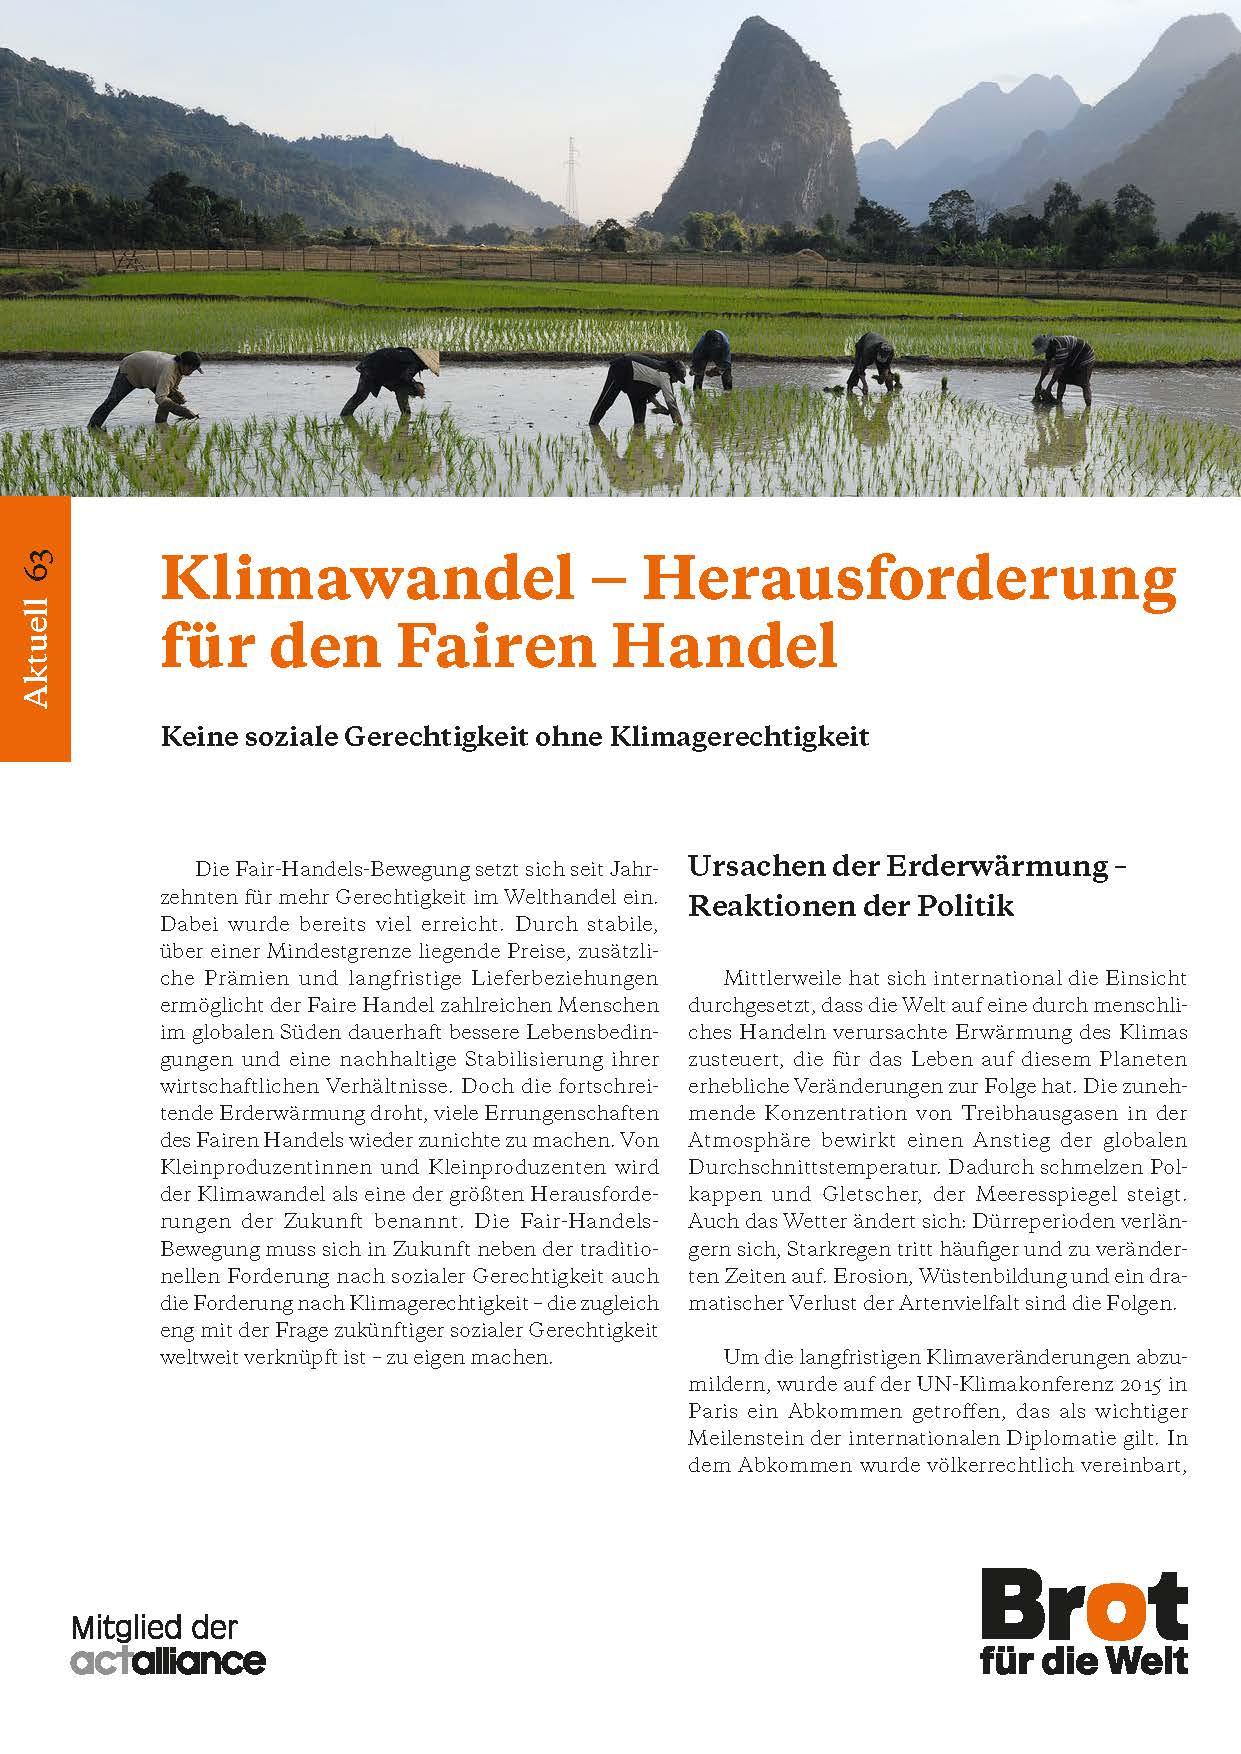 Aktuell 63: Klimawandel - Herausforderung für den Fairen Handel